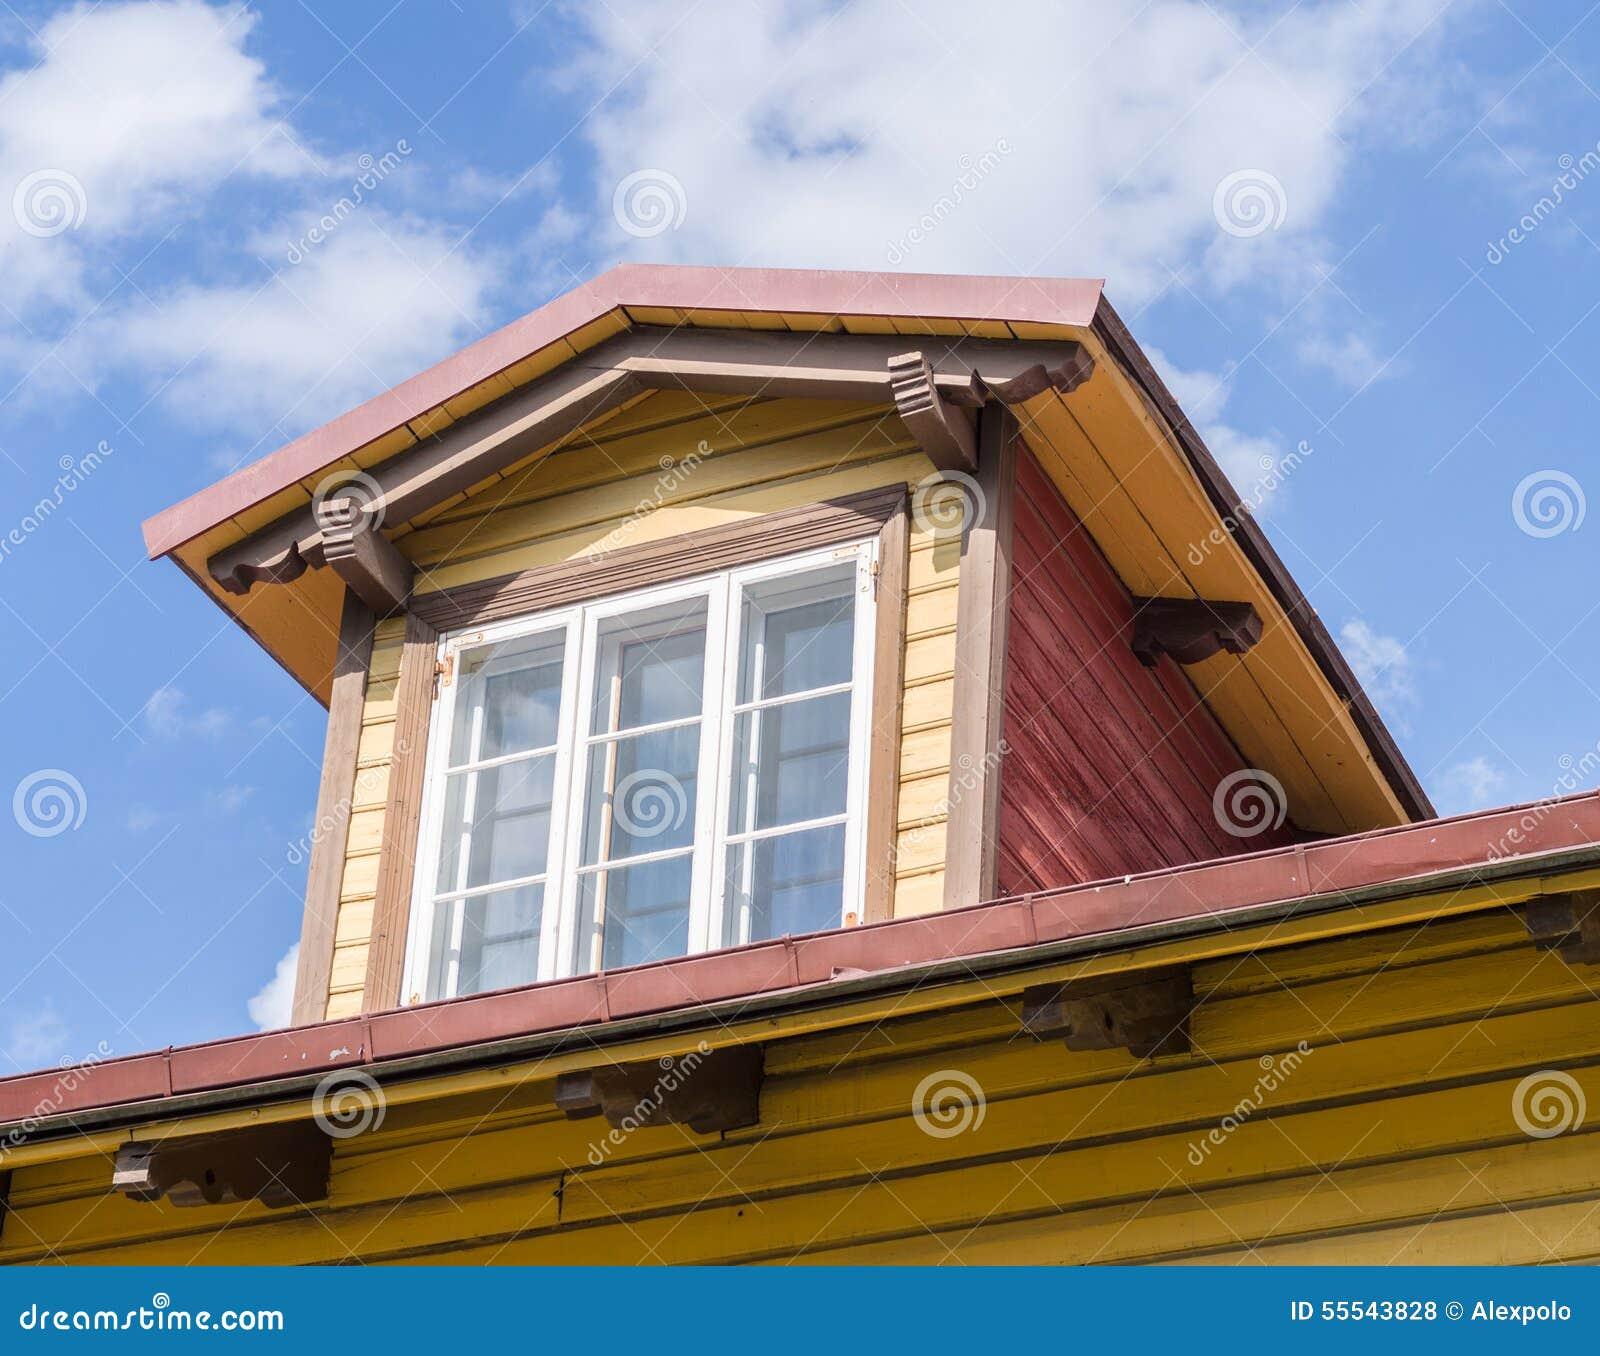 Fen tre de mansarde dans la maison en bois photo stock for Fenetre maison